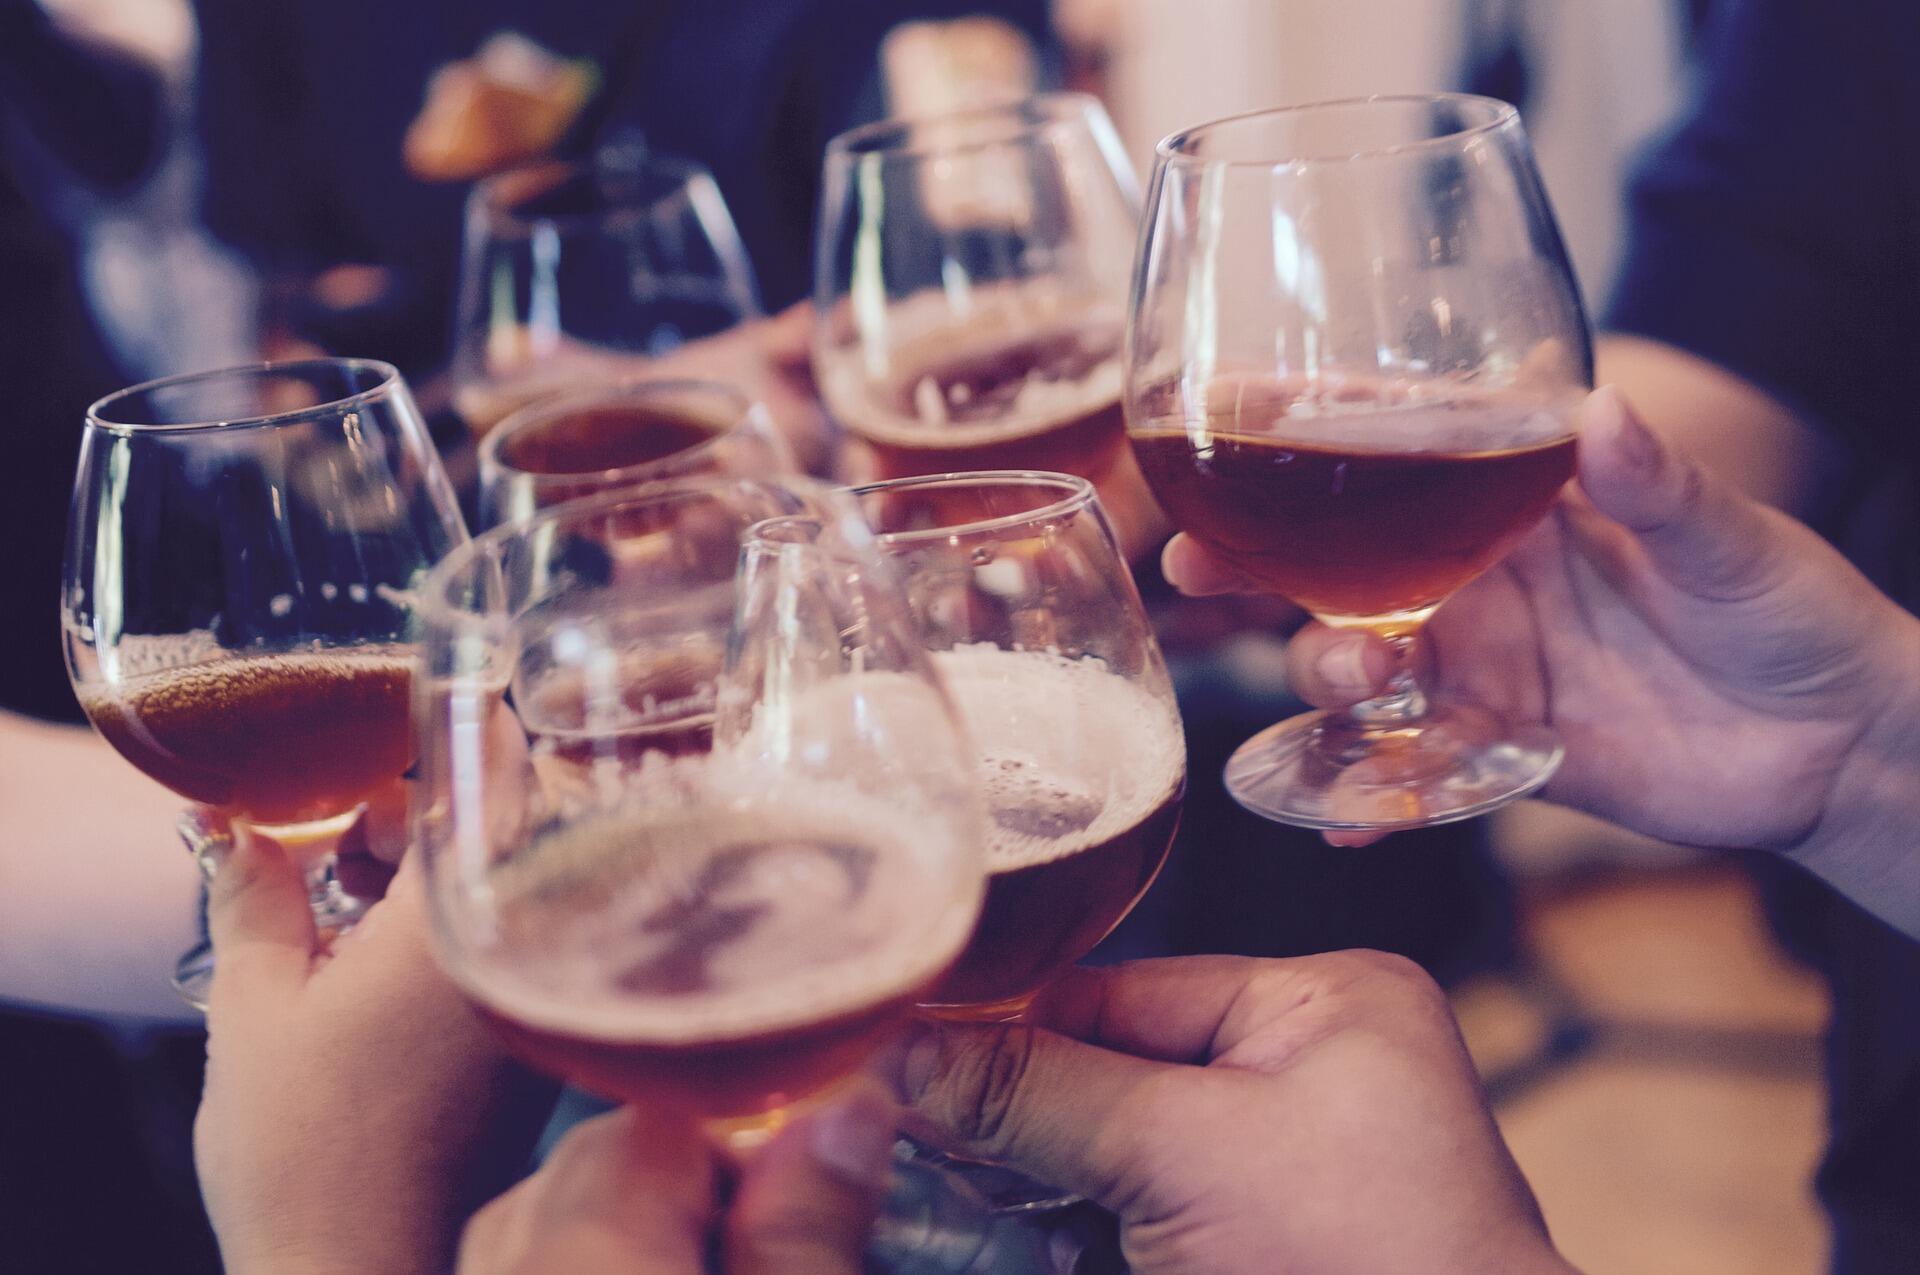 L'alcool est étroitement associé à la fête